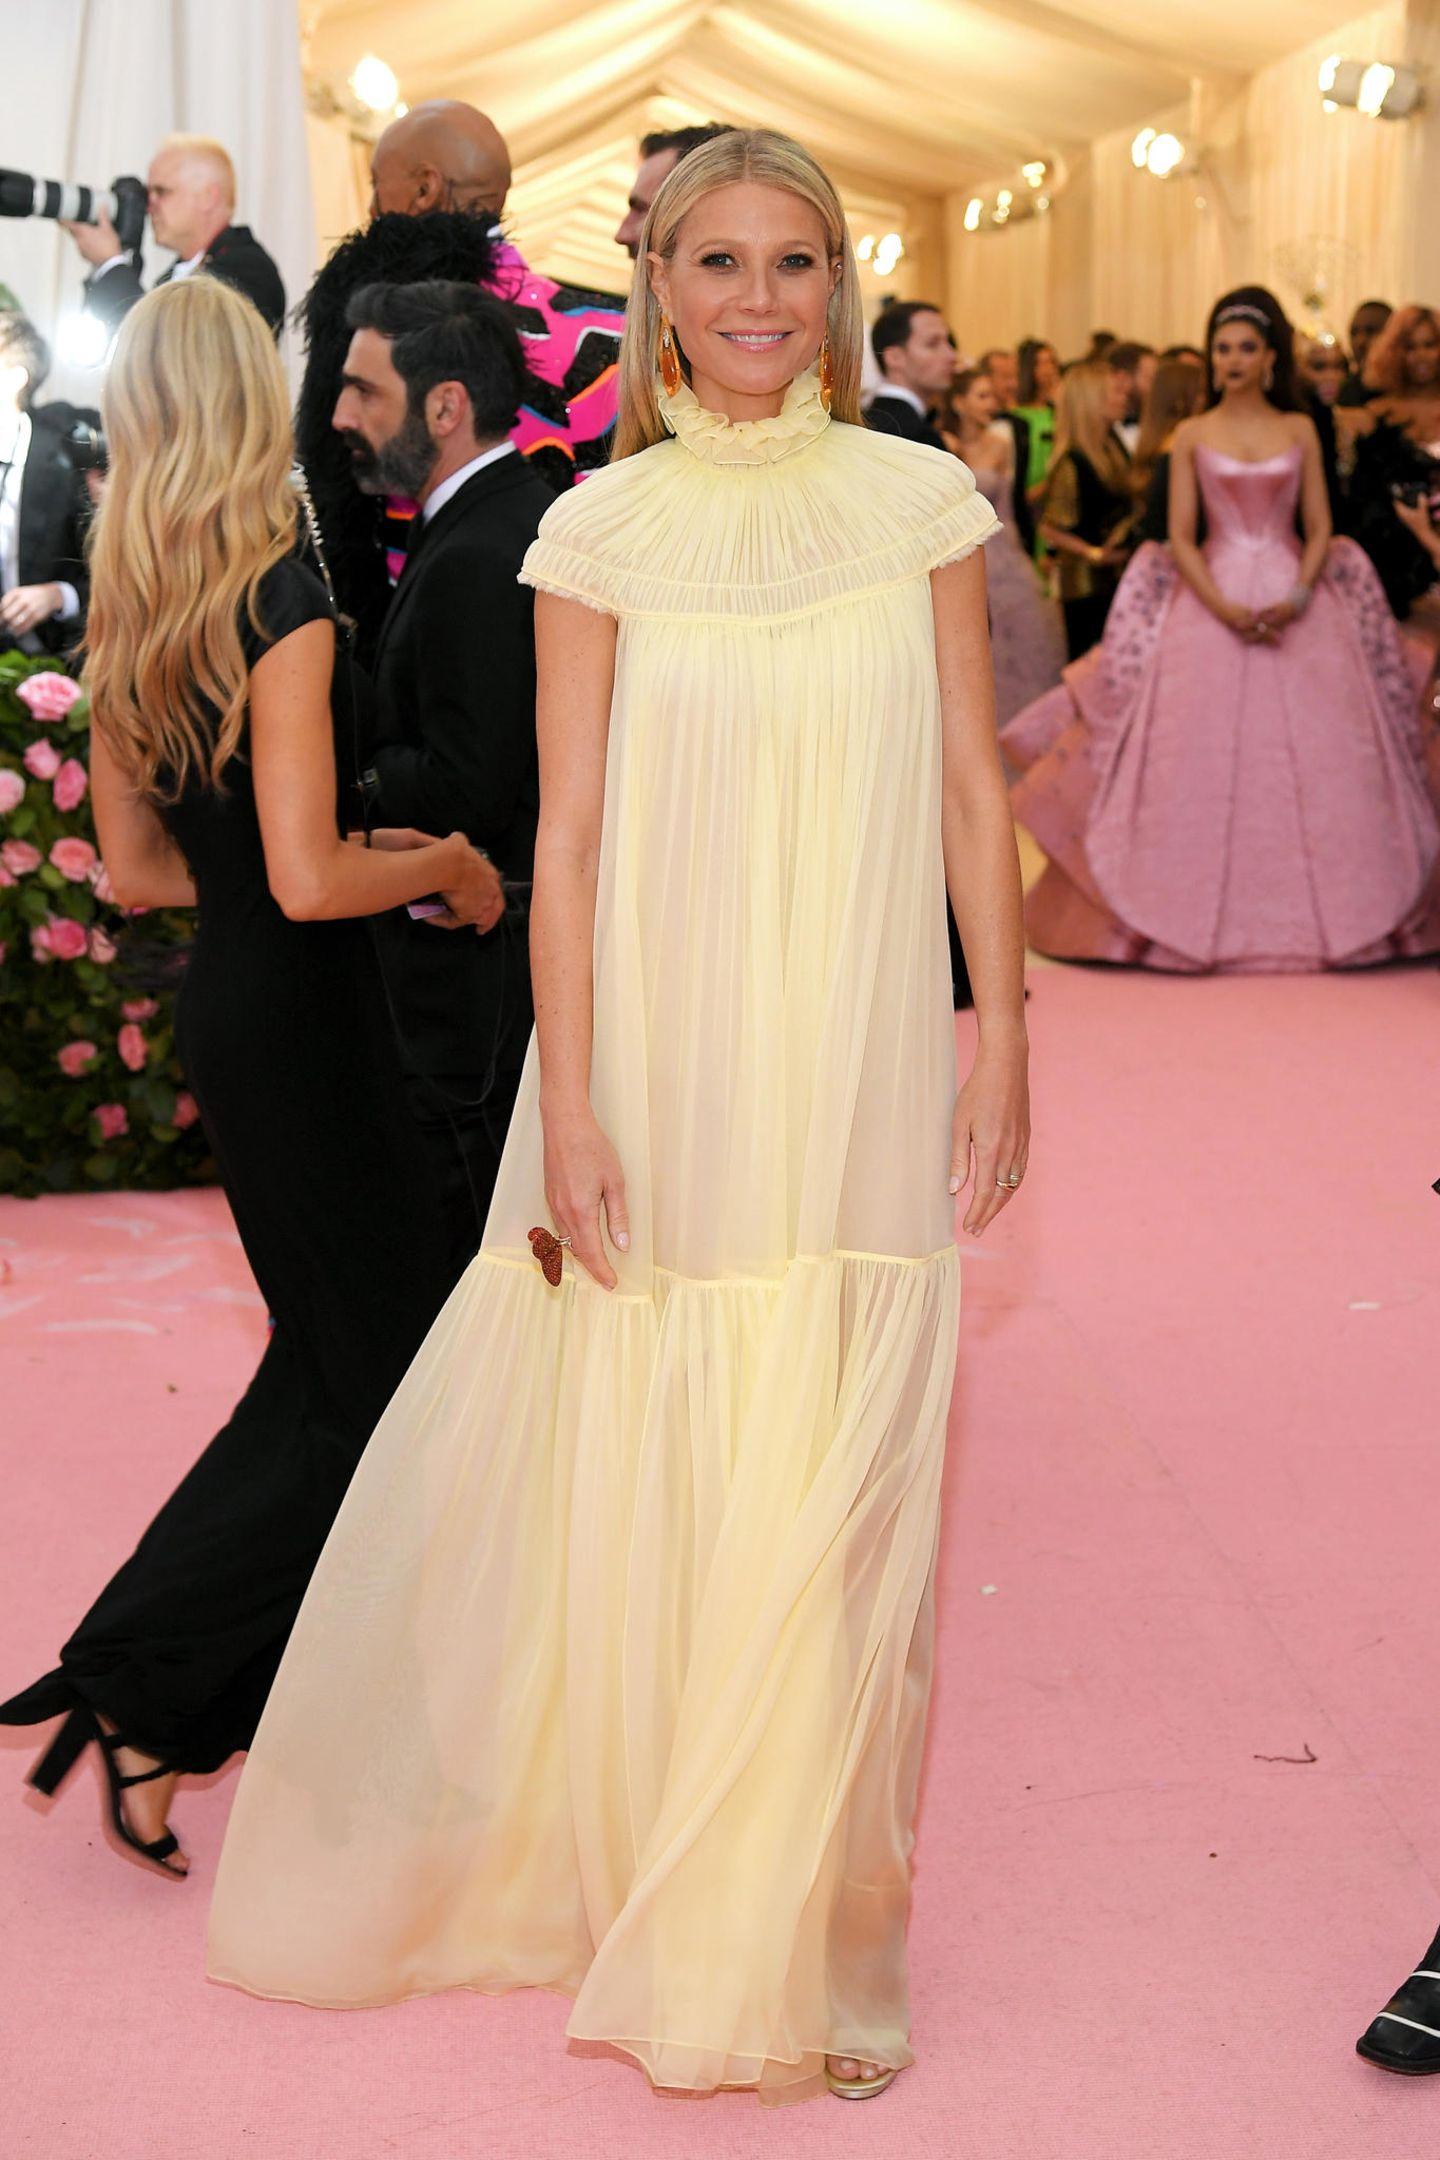 """Das Thema """"Camp"""" scheint an Gwyneth Paltrow vorbeigegangen zu sein. Ihr zartgelbes Kleid von Chloé sieht zwar schön romantisch aus, auffällig oder extrovertiert erscheint sie damit nicht."""